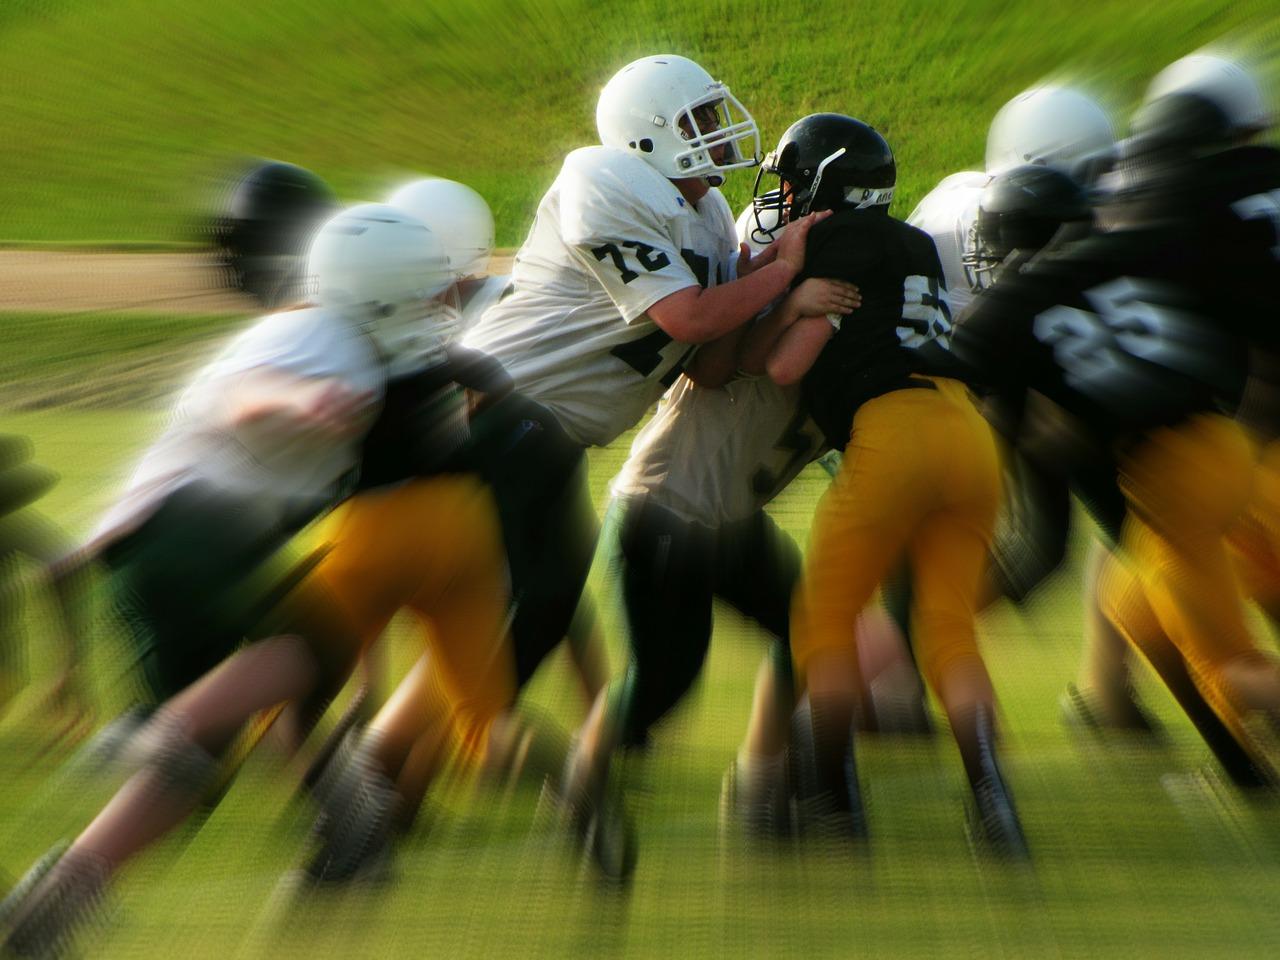 スポーツ撮影は難しい?激しい動きでも撮影できるおすすめビデオカメラ3選